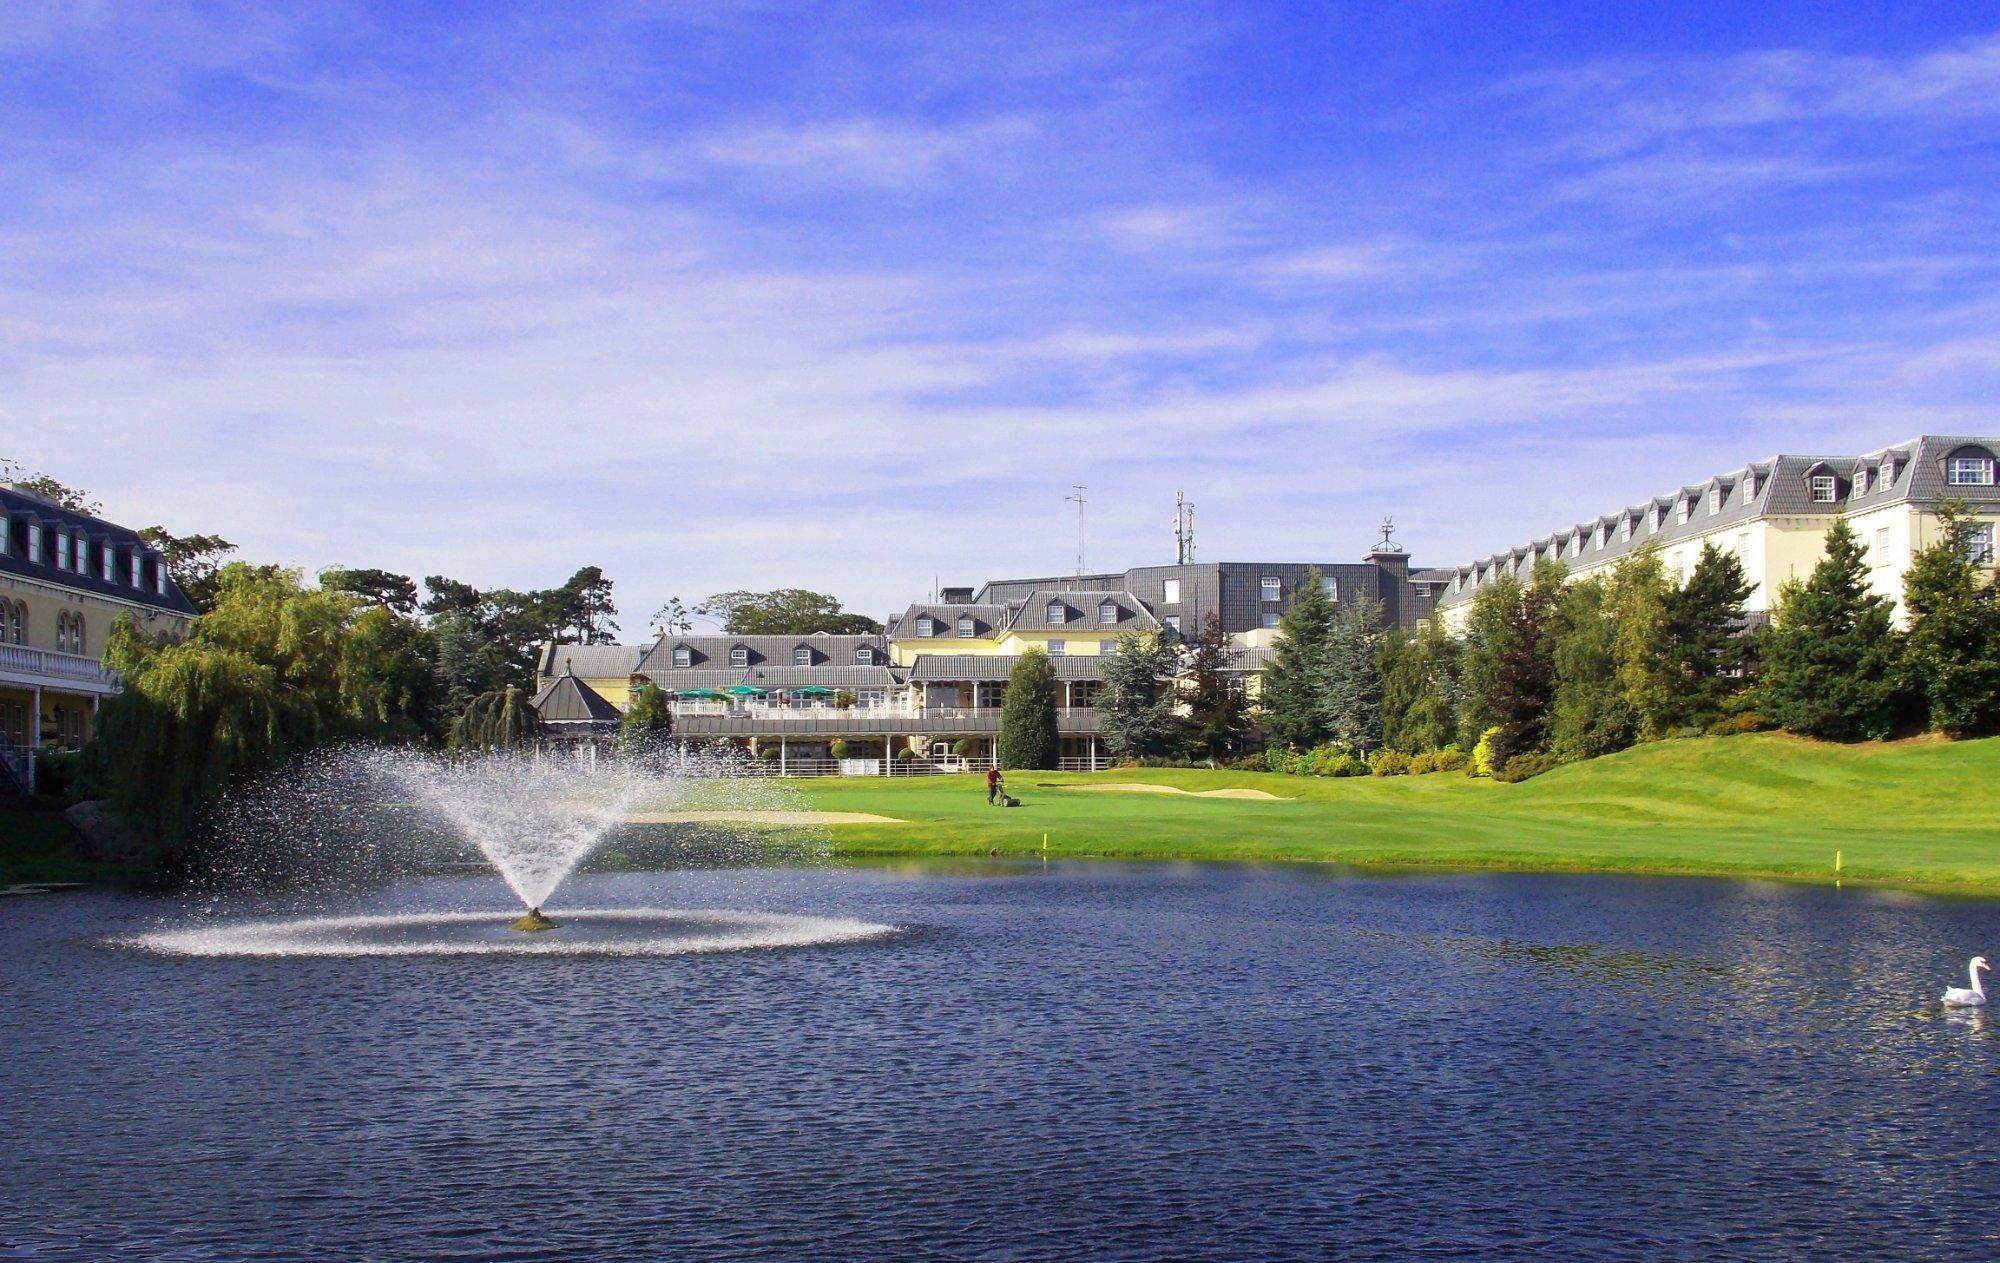 シティウエスト ホテル アンド ゴルフ リゾート